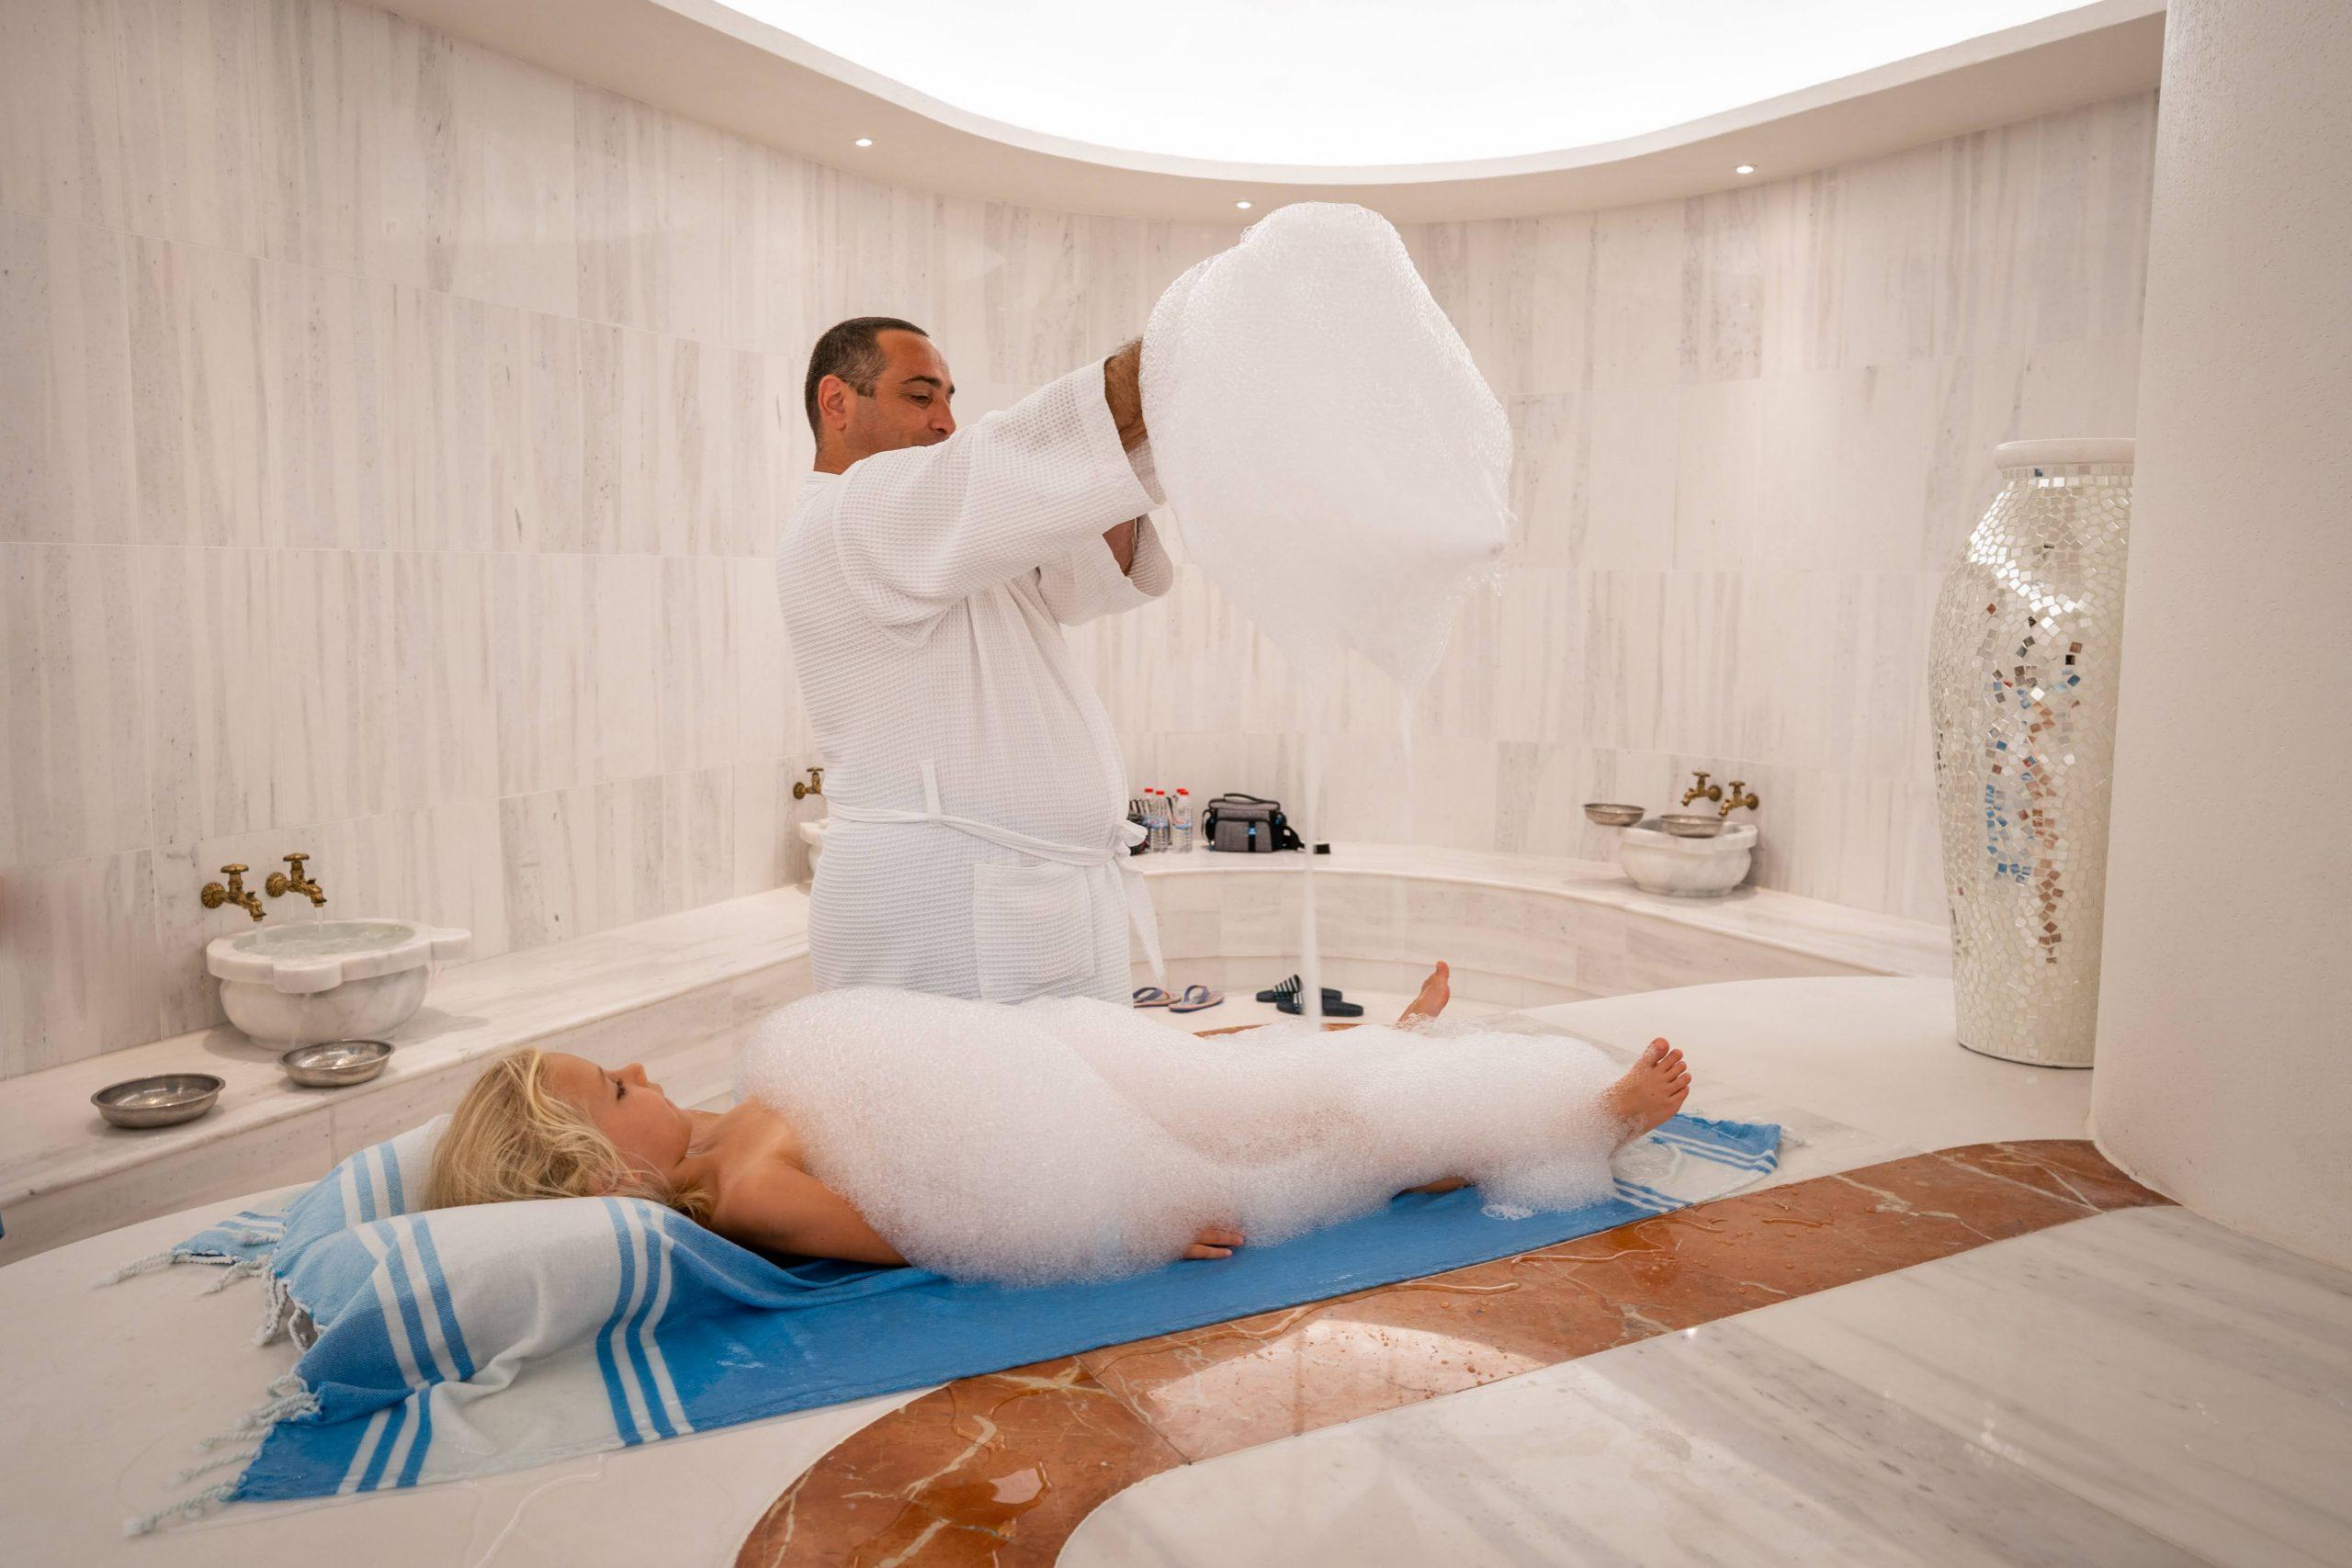 На турска баня с деца - Wave Resort 2020